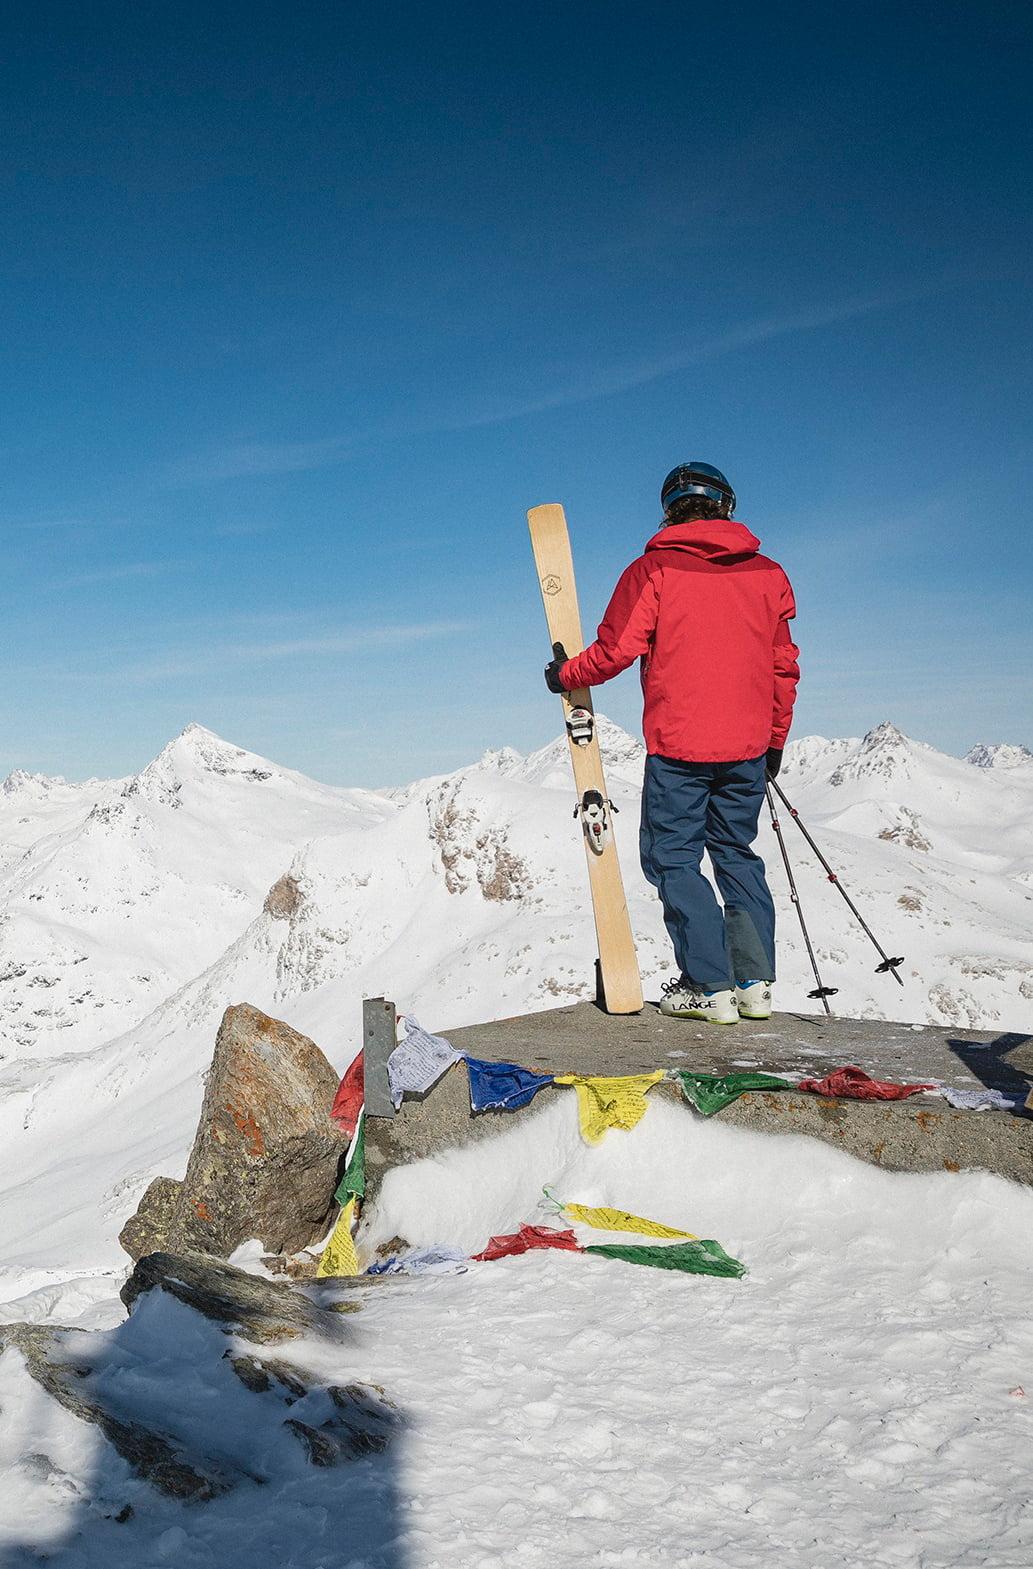 8,848 vertical metres